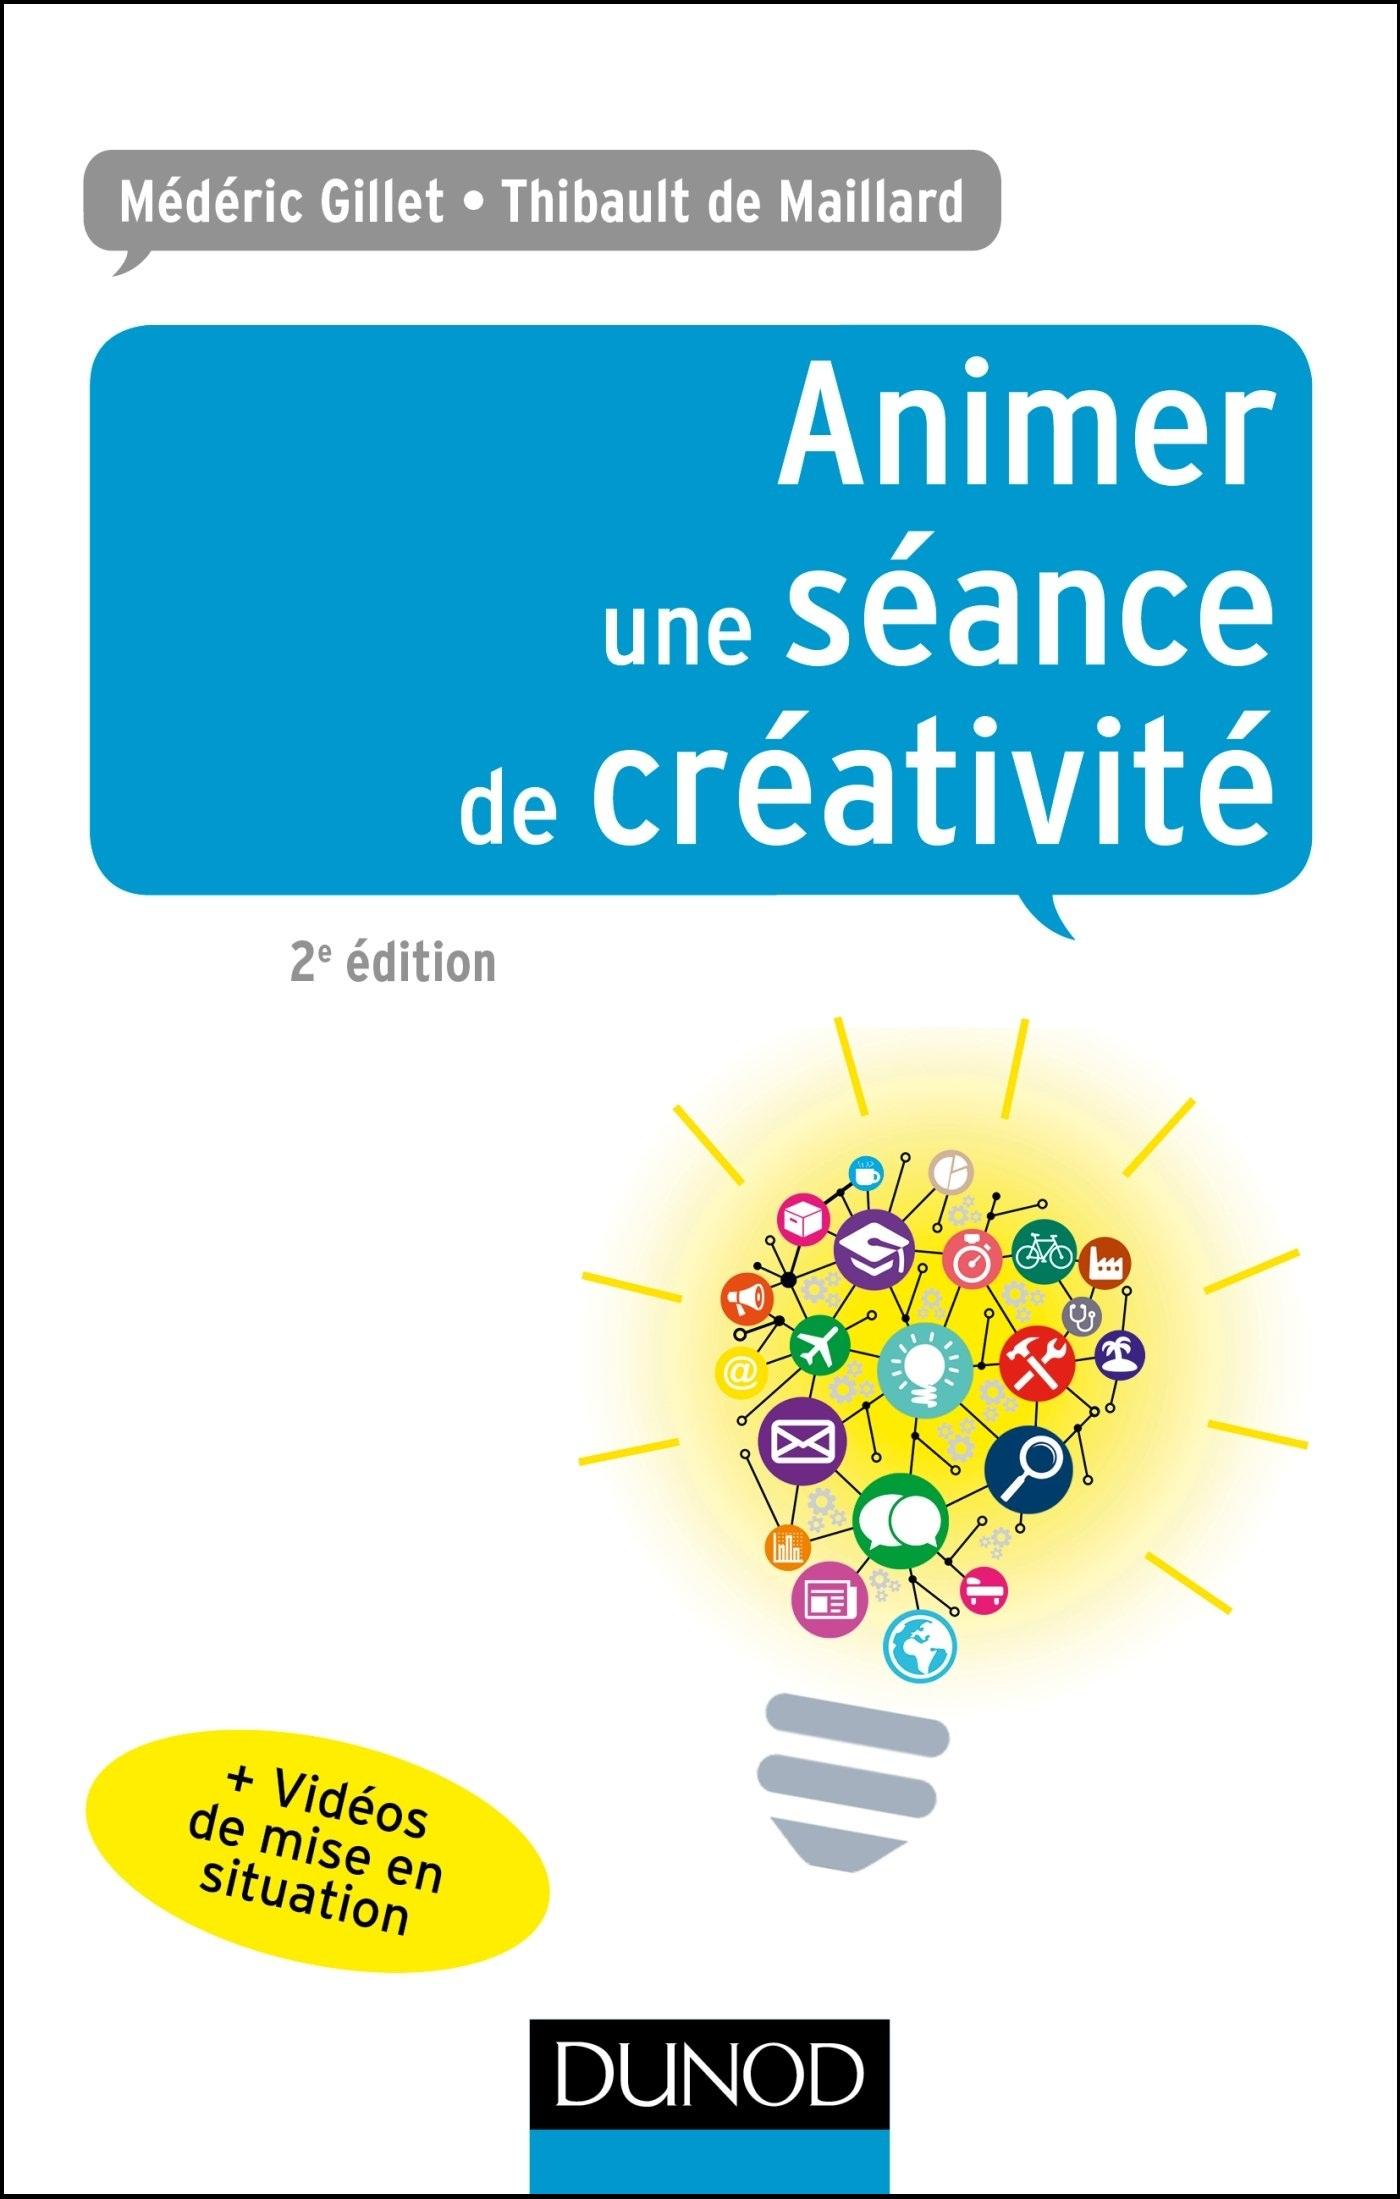 Animer une séance de créativité